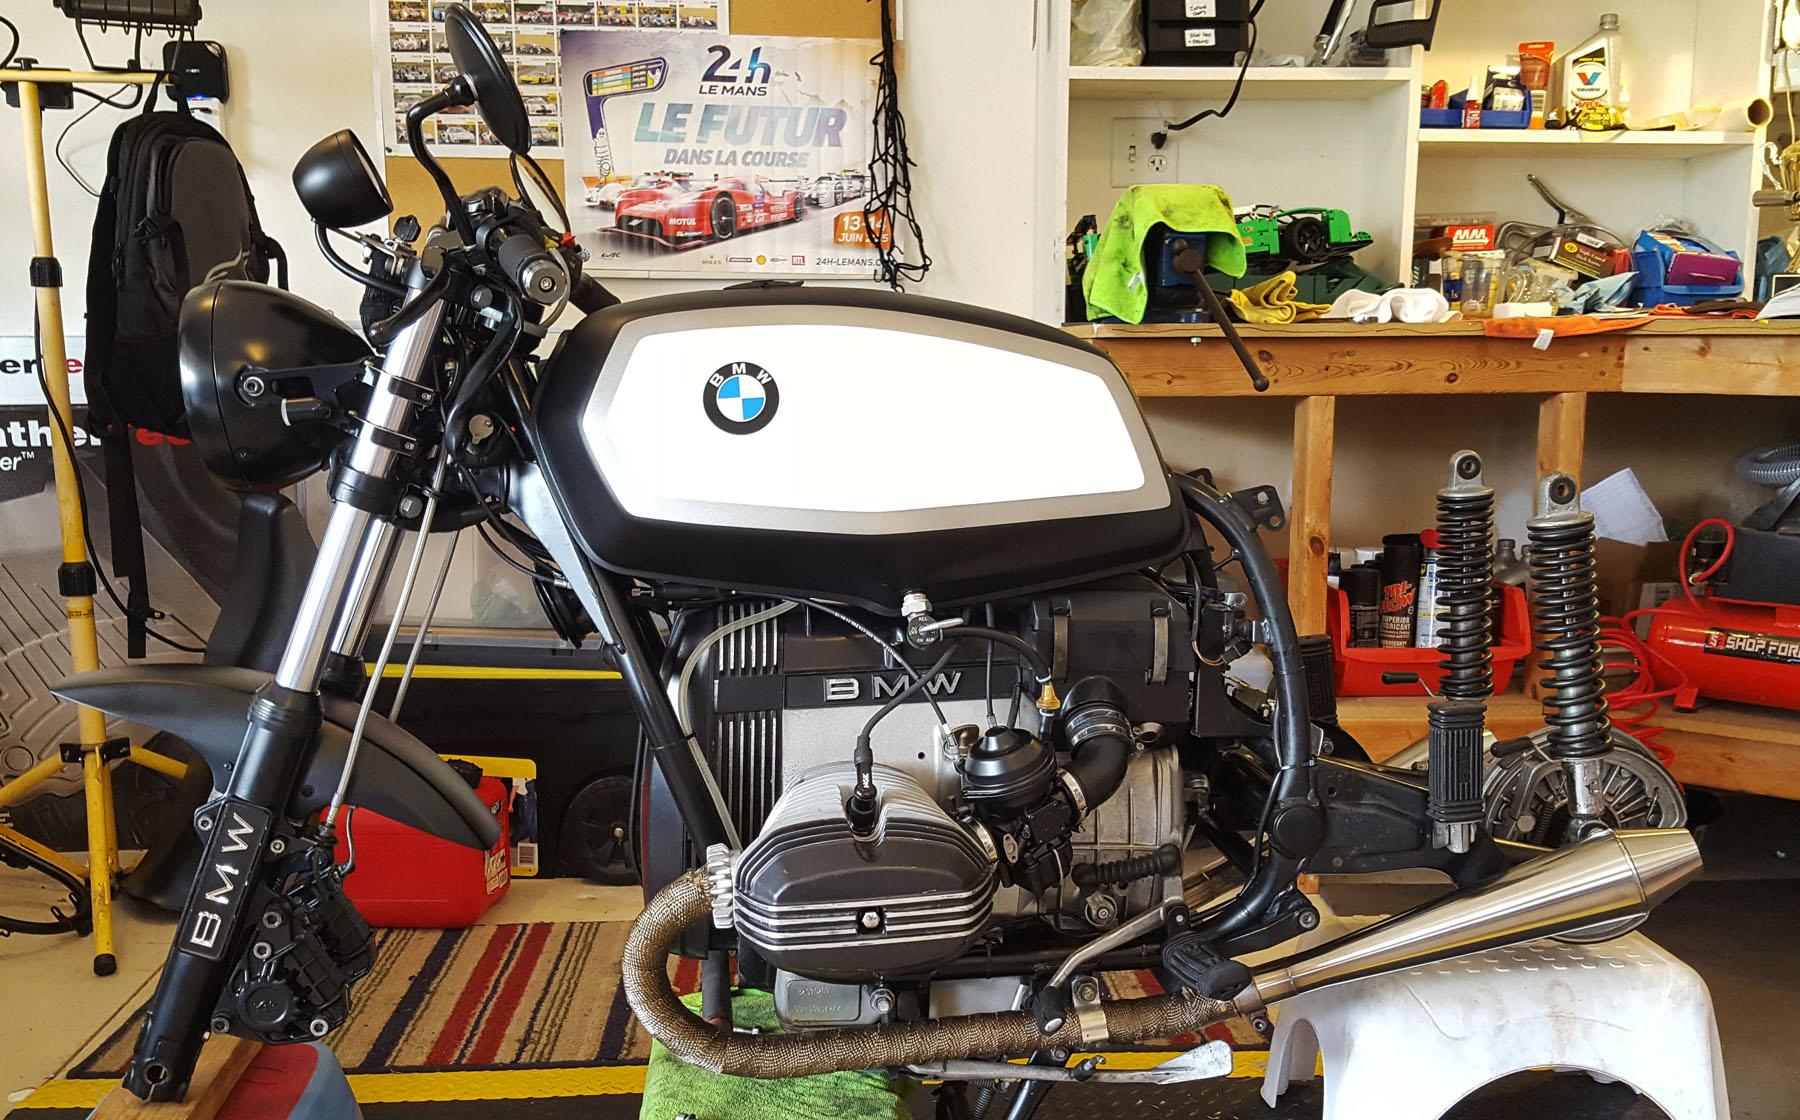 r65-build-095.jpg